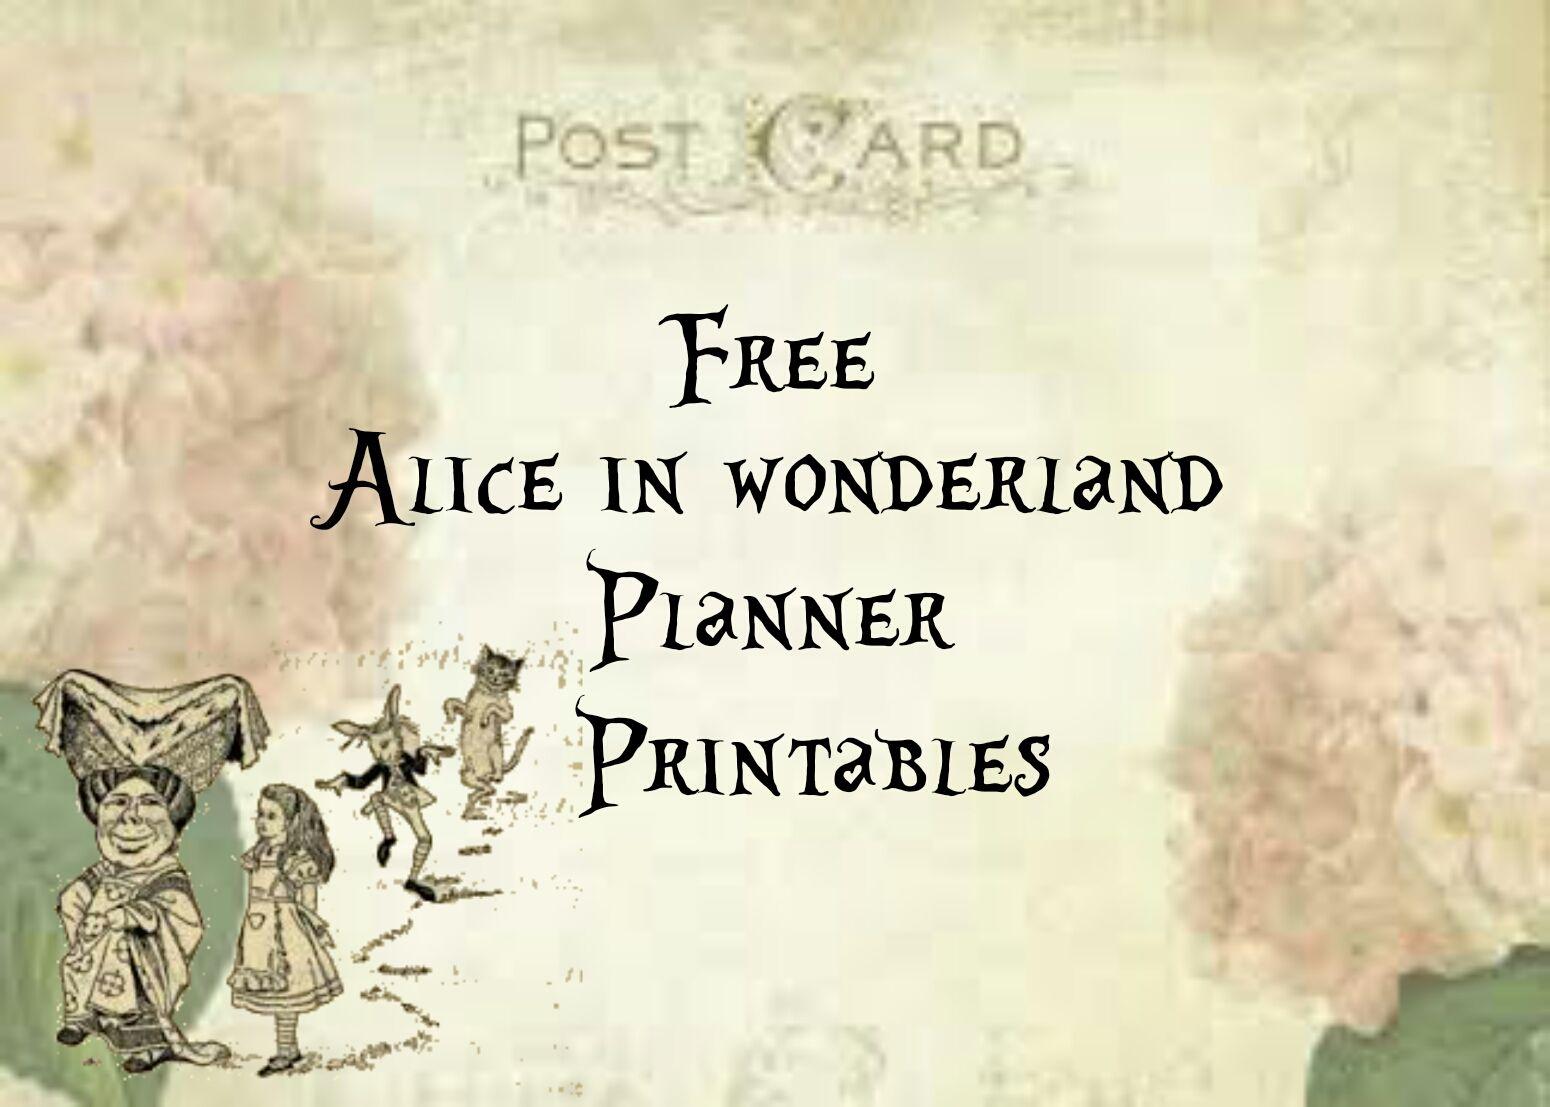 Alice In Wonderland Free Planner Printables